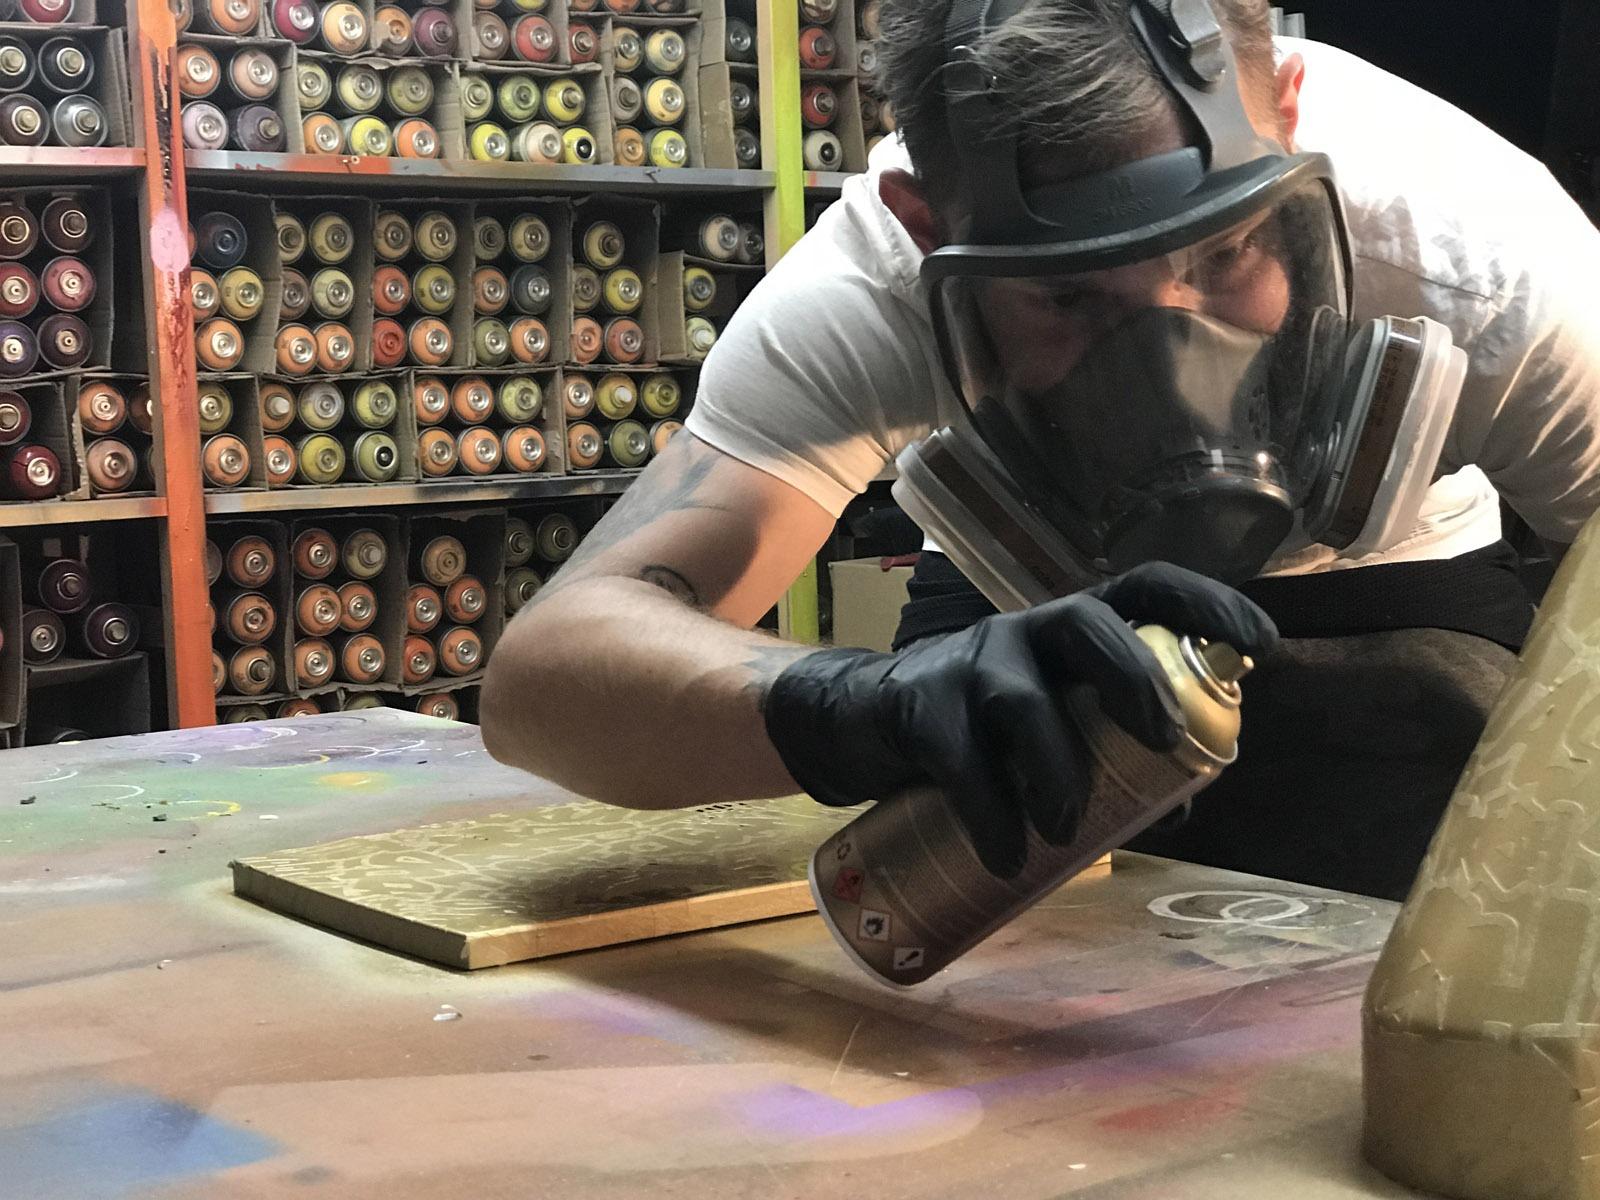 graffitiauftrag-graffitikuenstler-artmos4-graef-kuechenmaschine-2018-objekt-graef-fiti-50-jahre-bunt-swarovsky-folie-tags